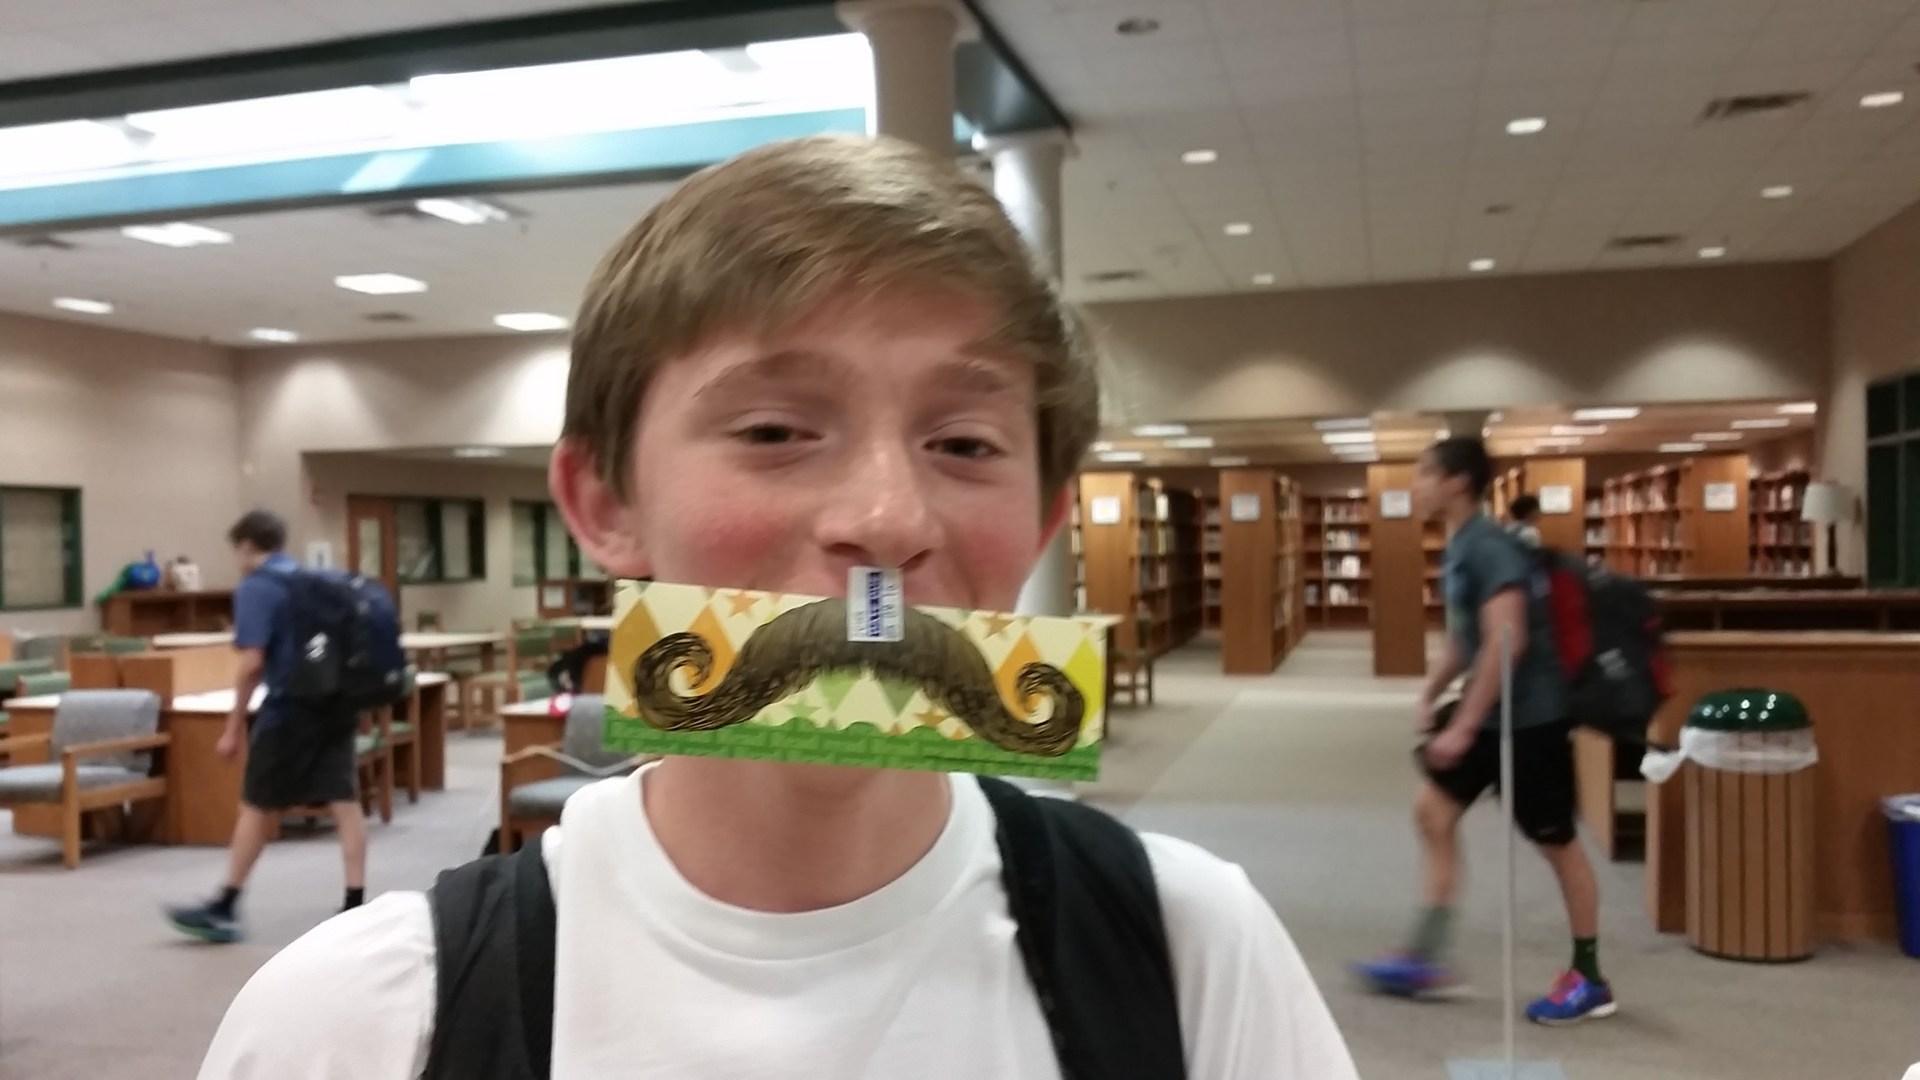 Mustache picture